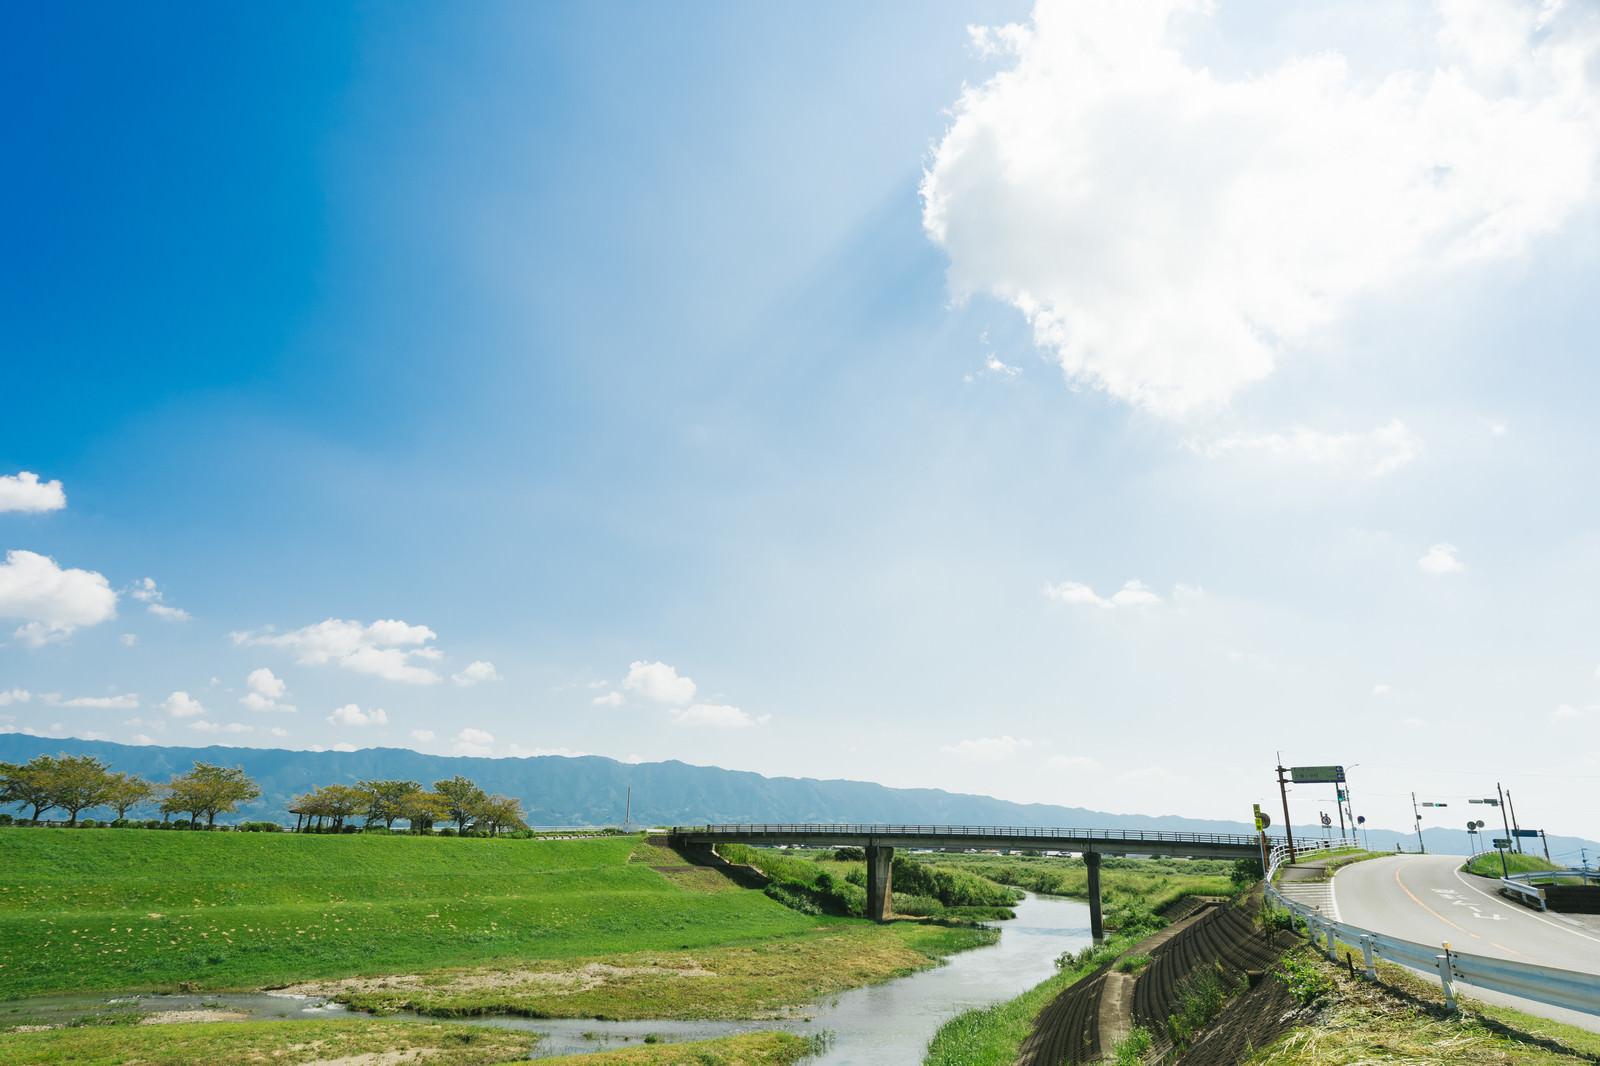 「大刀洗小石原川と河川敷の様子」の写真